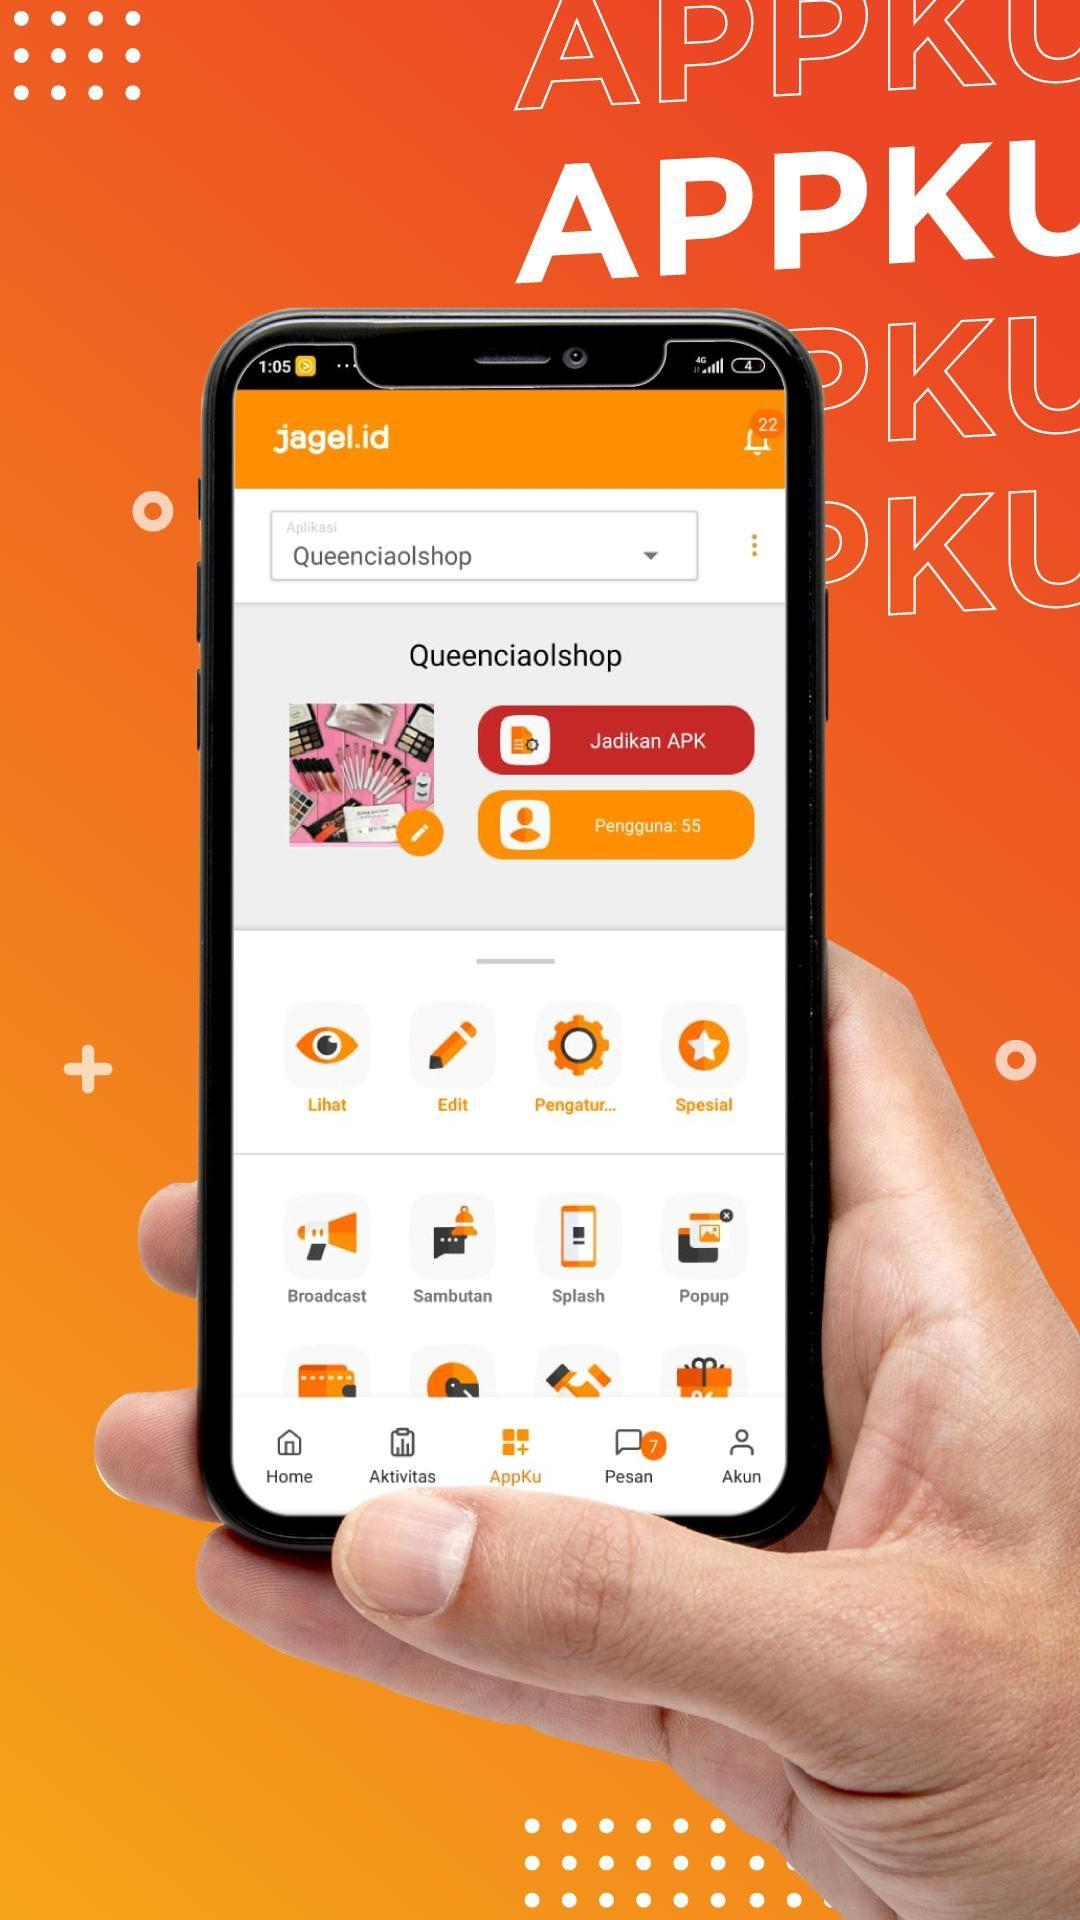 Harga Bikin Aplikasi Android Yang Terjangkau Alat Komunikasi Aplikasi Aplikasi Android